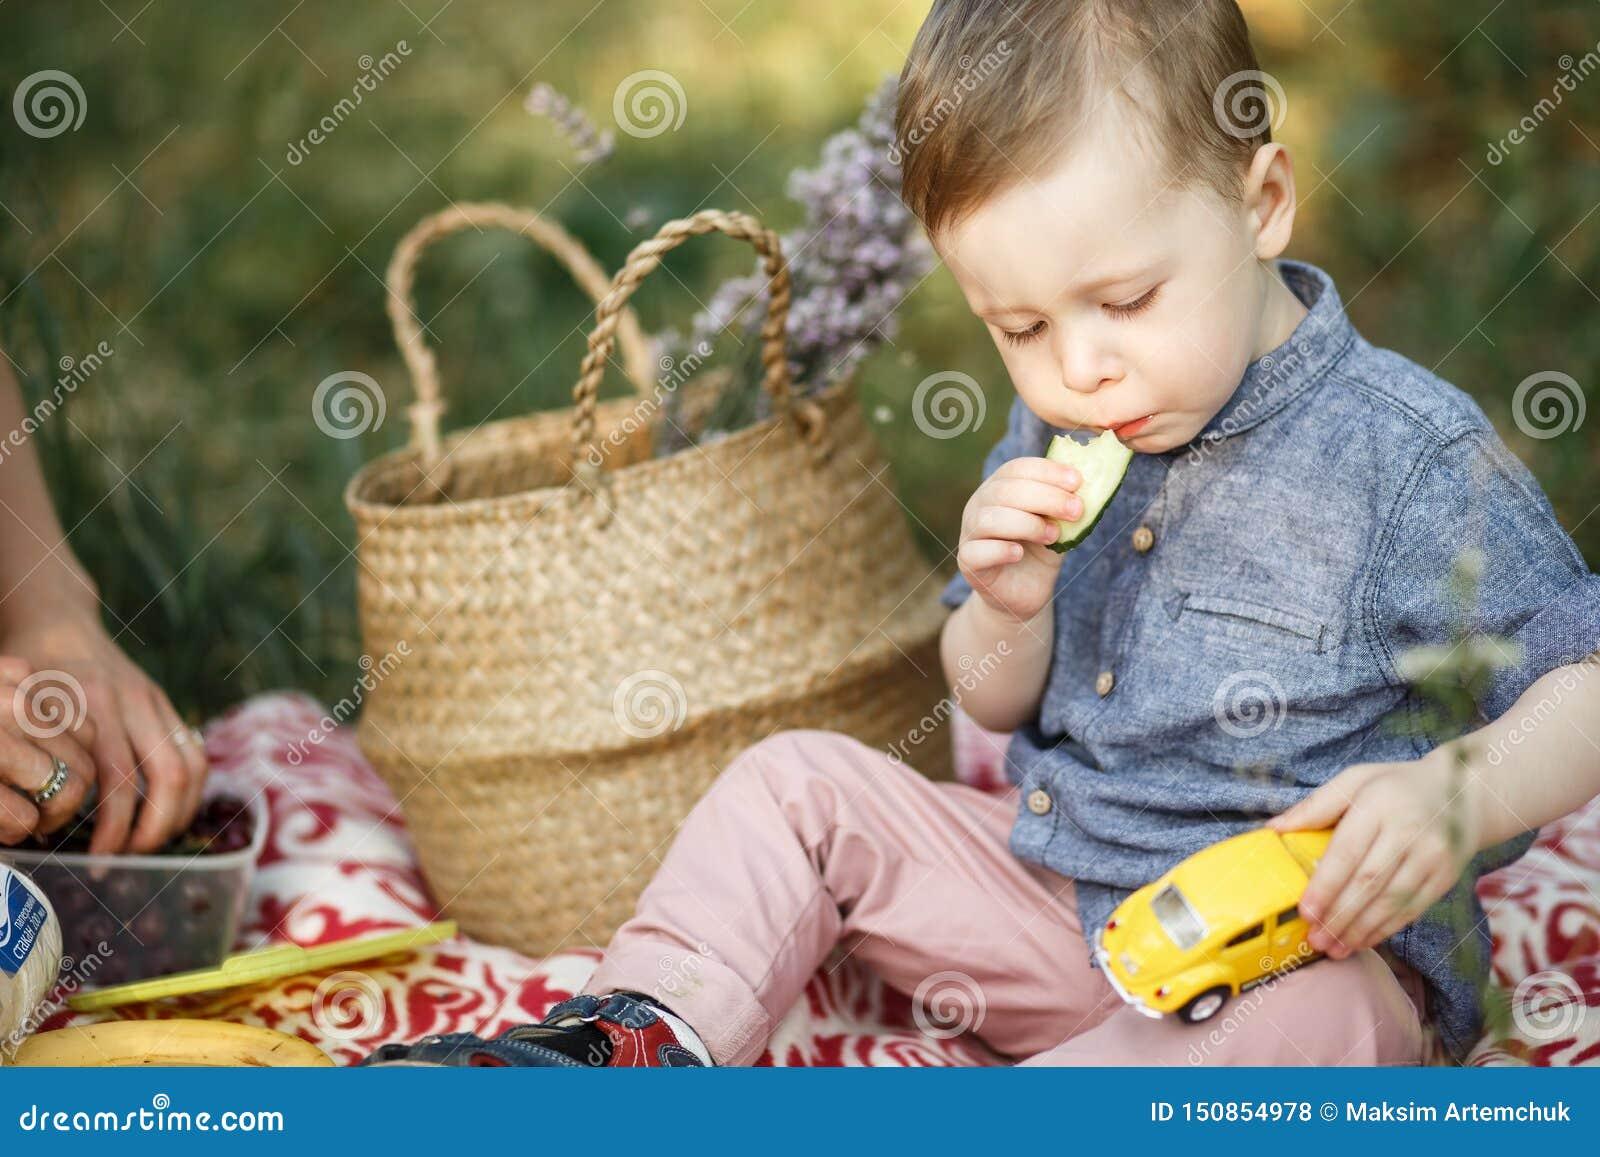 Cerca se está sentando en la manta y está jugando con el juguete Él tiene coche amarillo en su siesta También el niño está comien